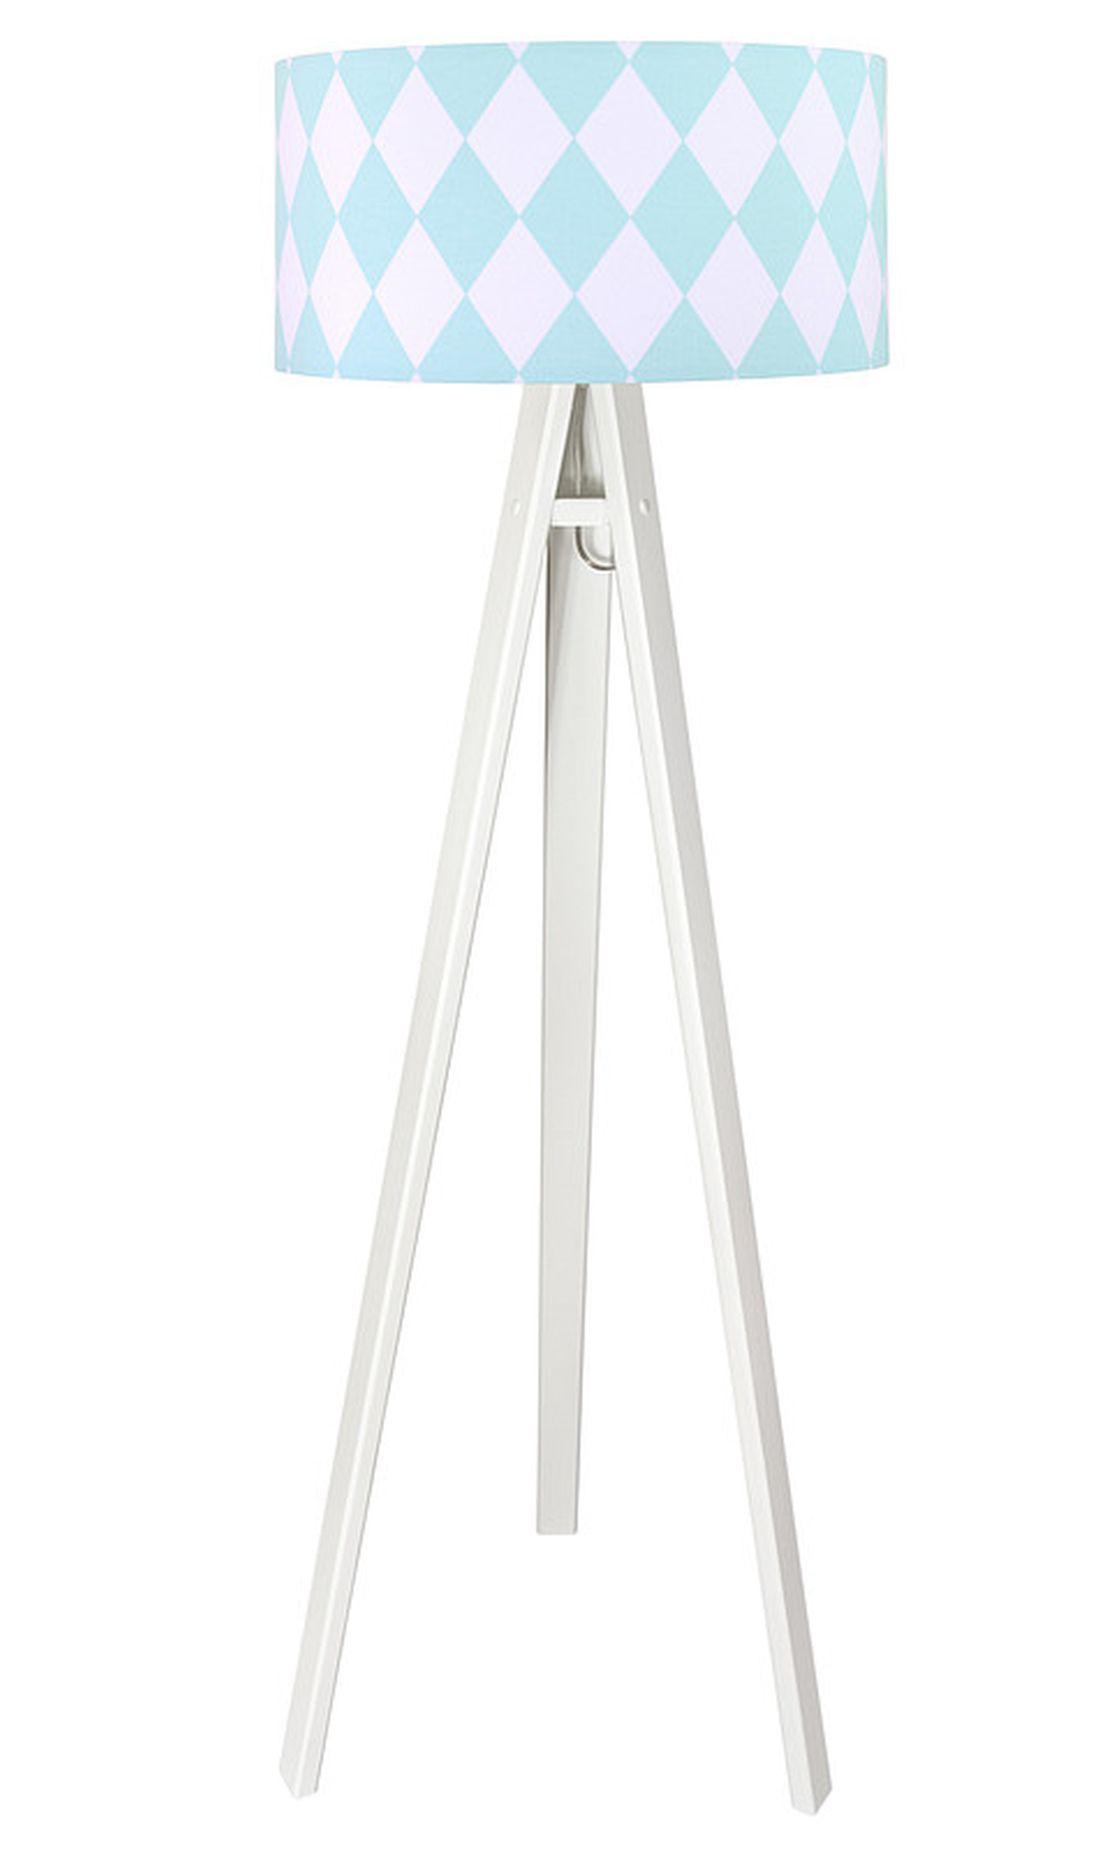 Stehlampe Weiß Blau 140cm Dreibein Wohnzimmer Retro